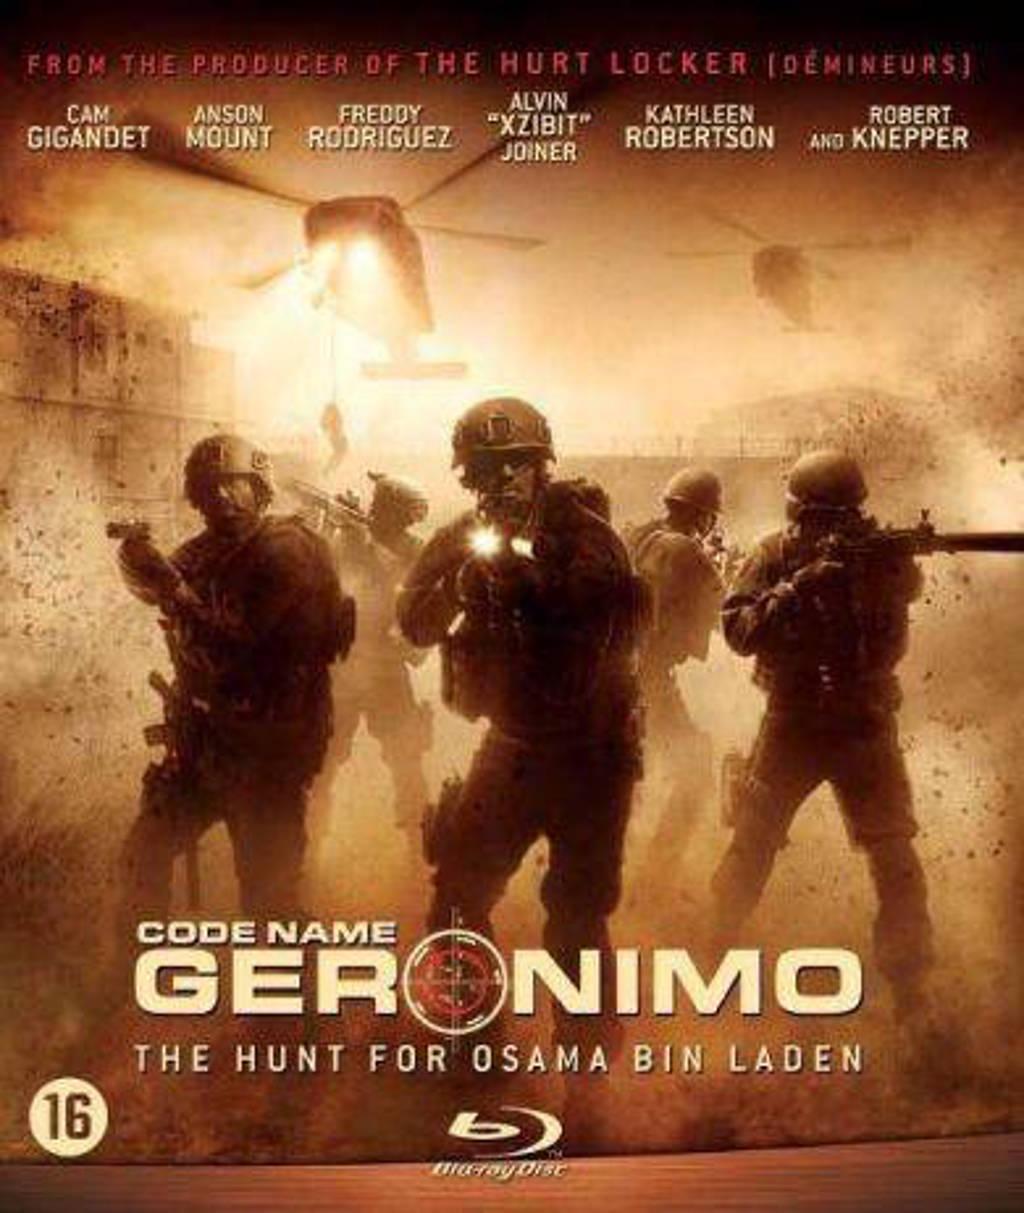 Code name Geronimo (Blu-ray)